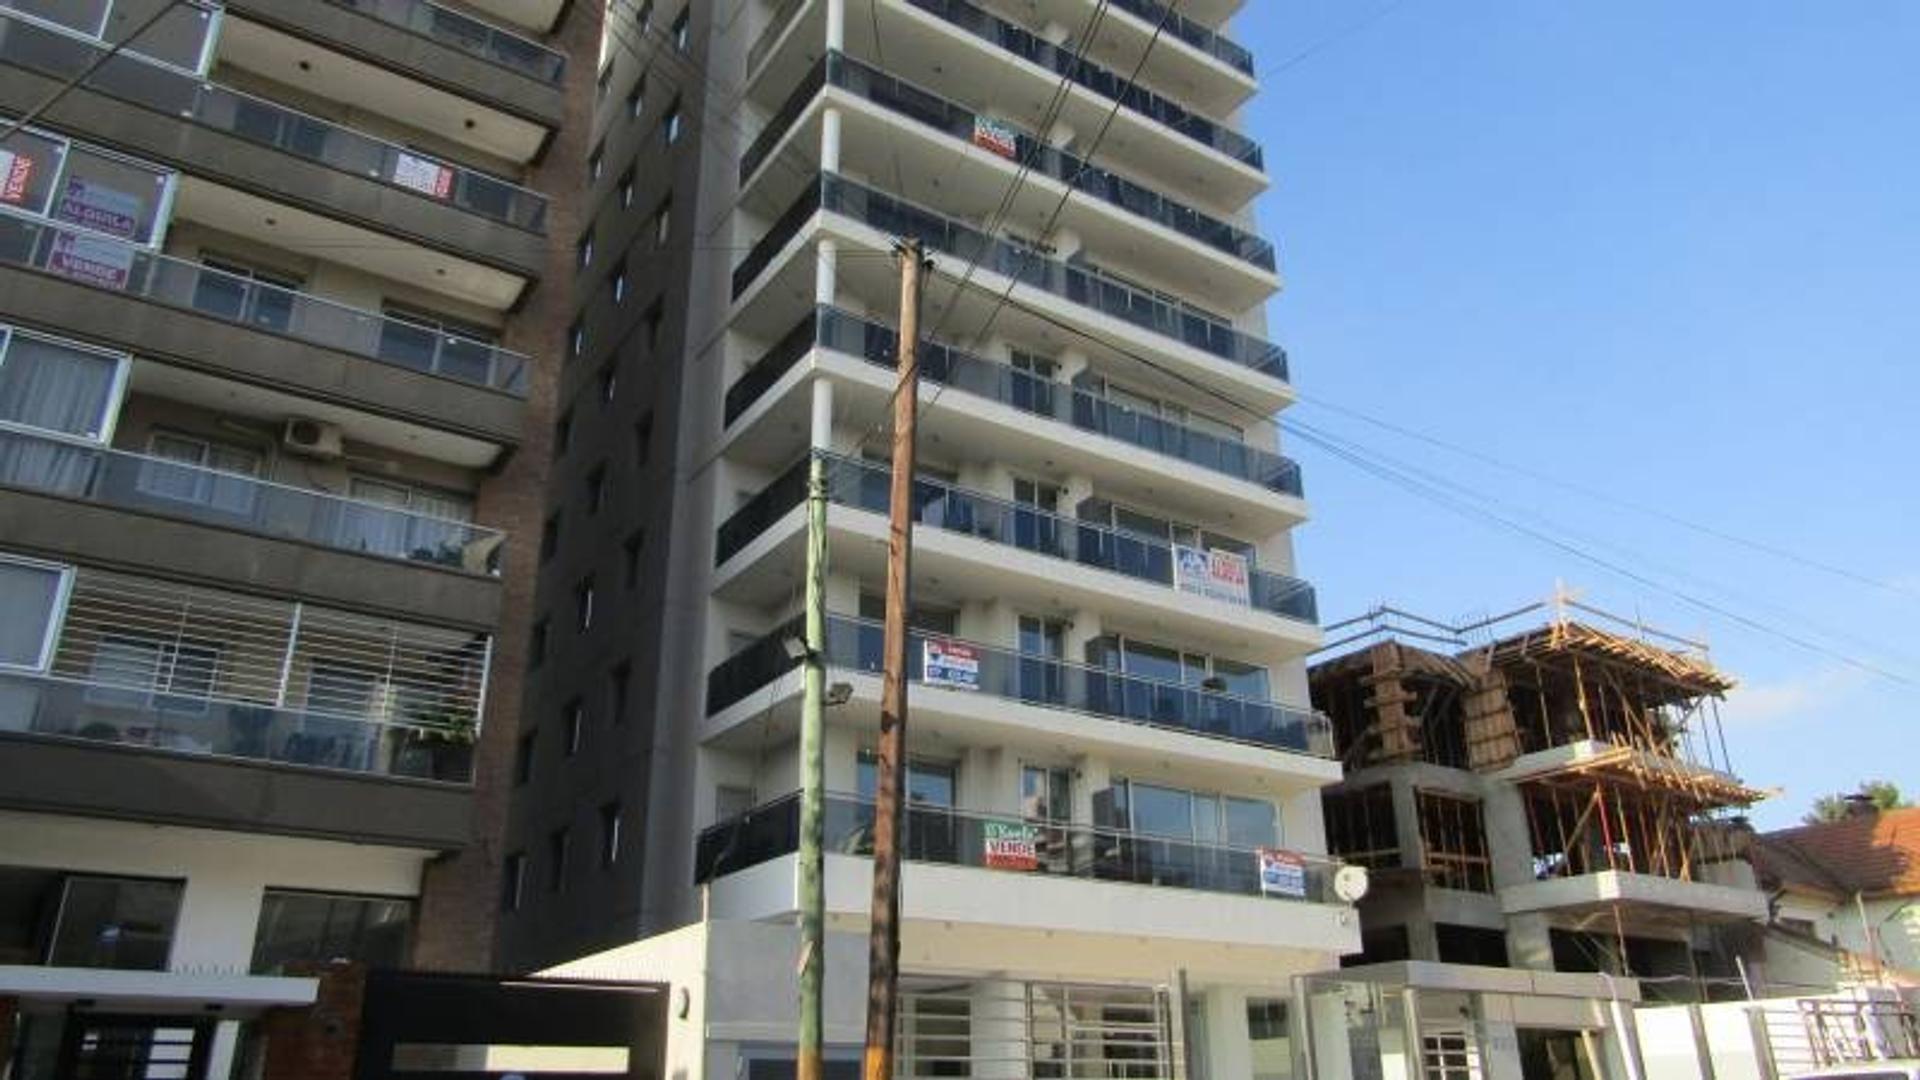 Excelente tres ambientes en Edificio de Categoría en el centro de Quilmes!!